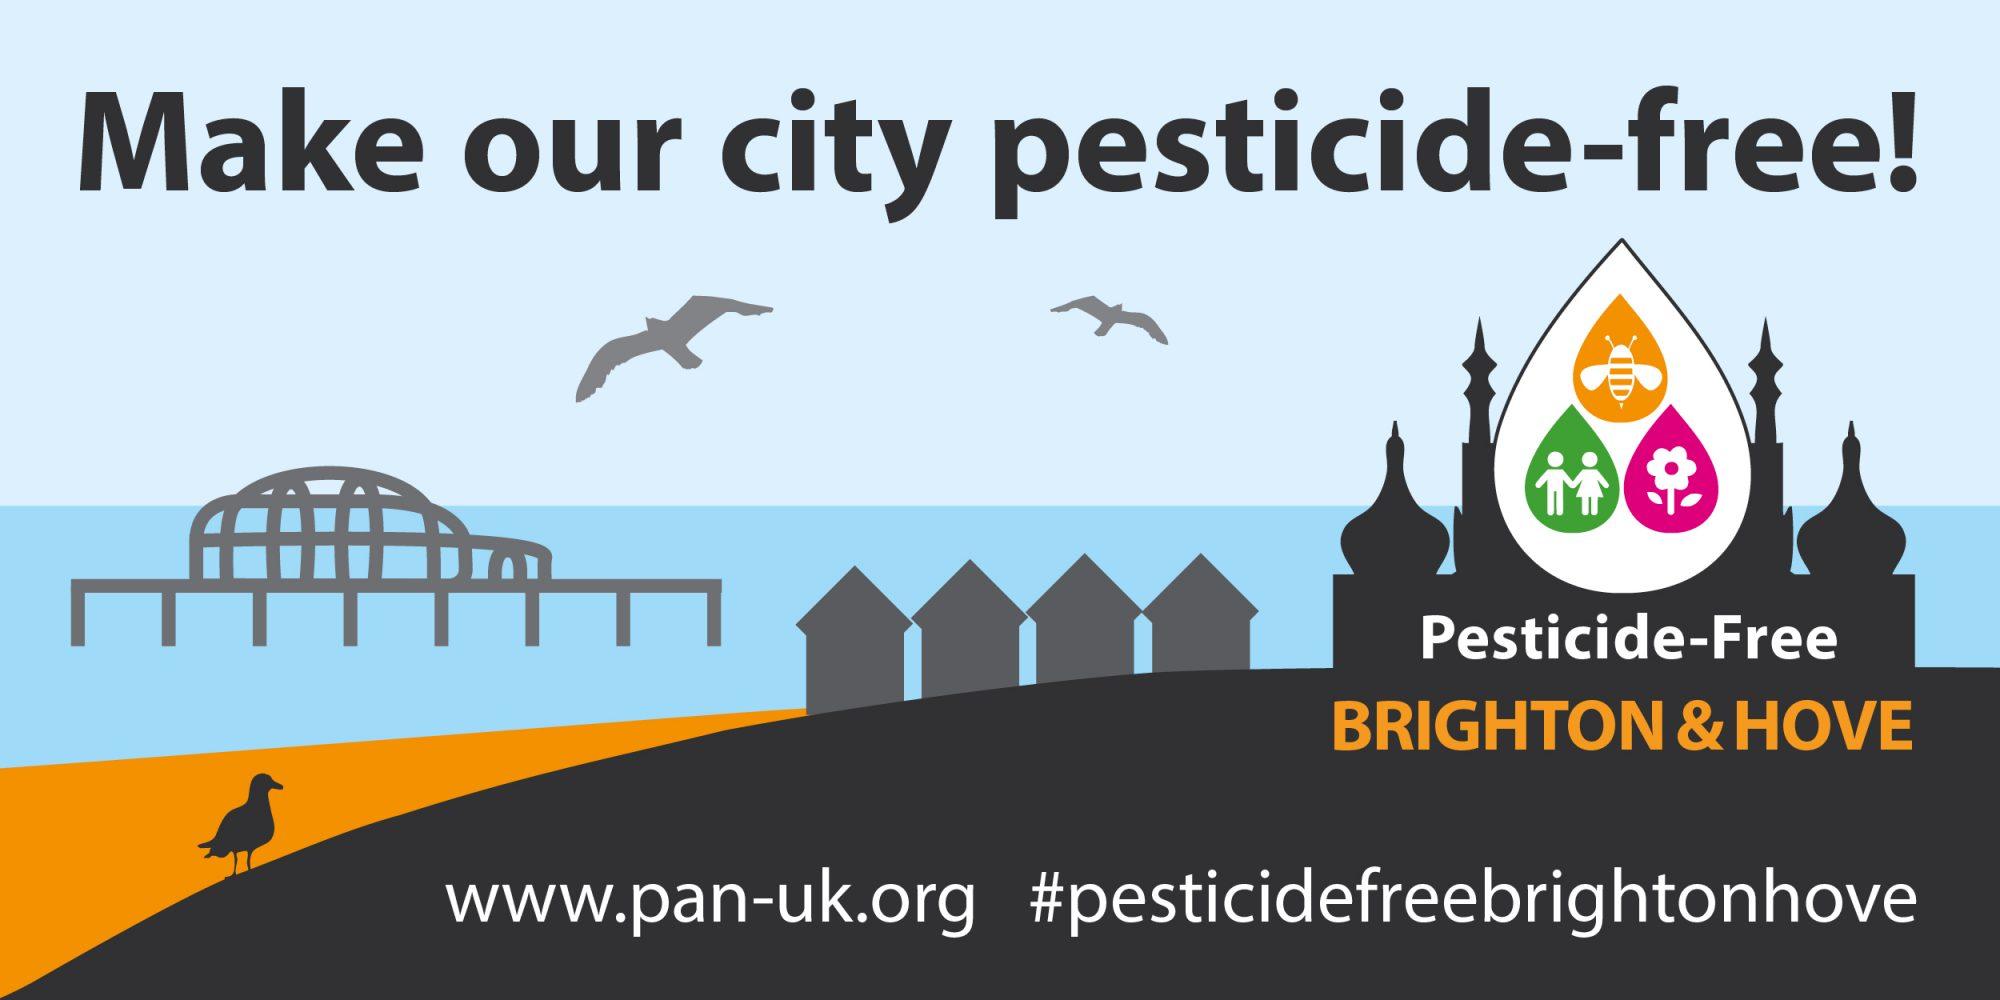 Pesticide-Free Brighton & Hove